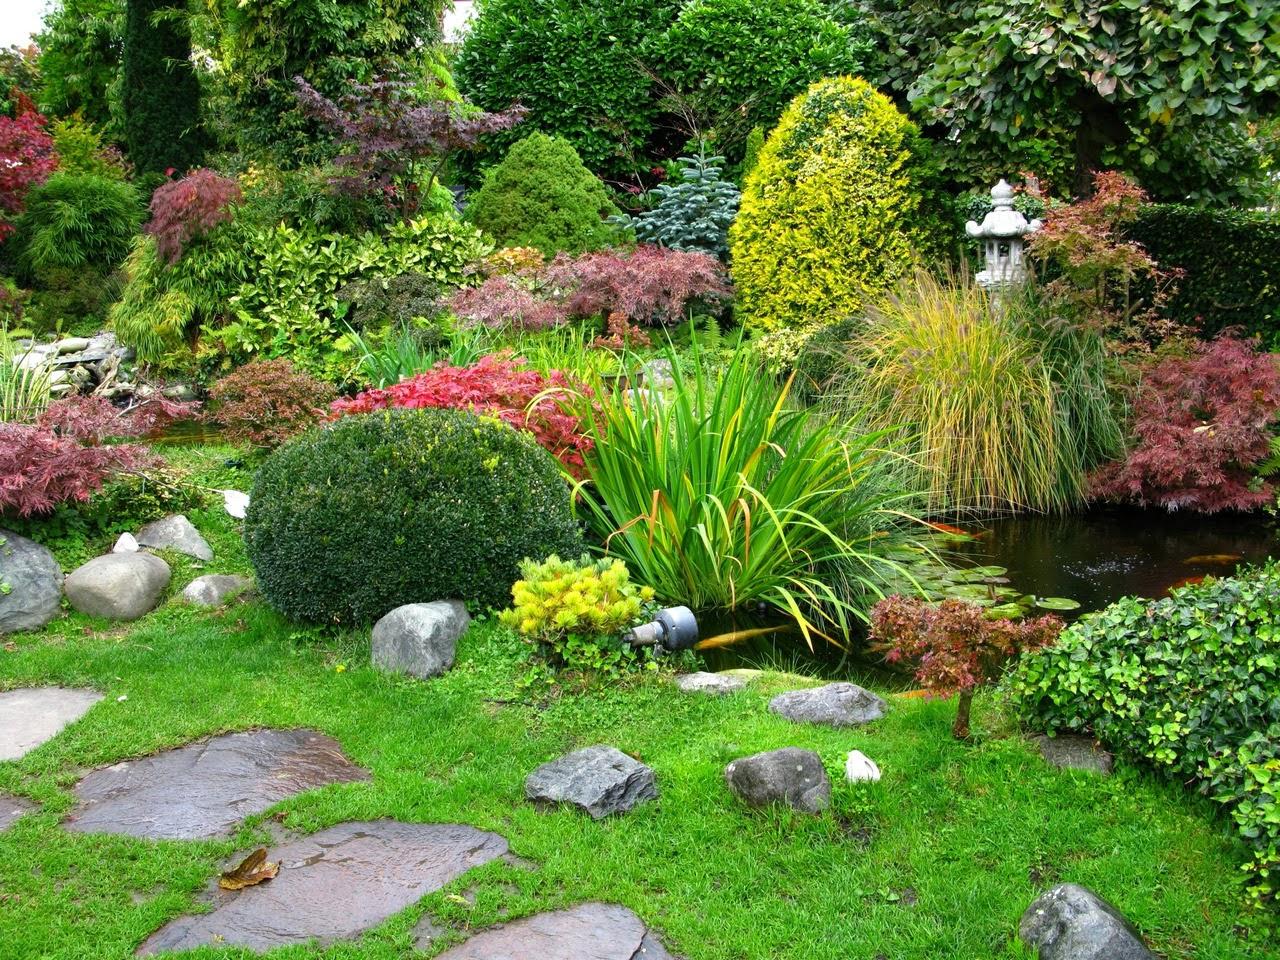 Fondos de jardines para fotomontaje imagui for Jardines lujosos